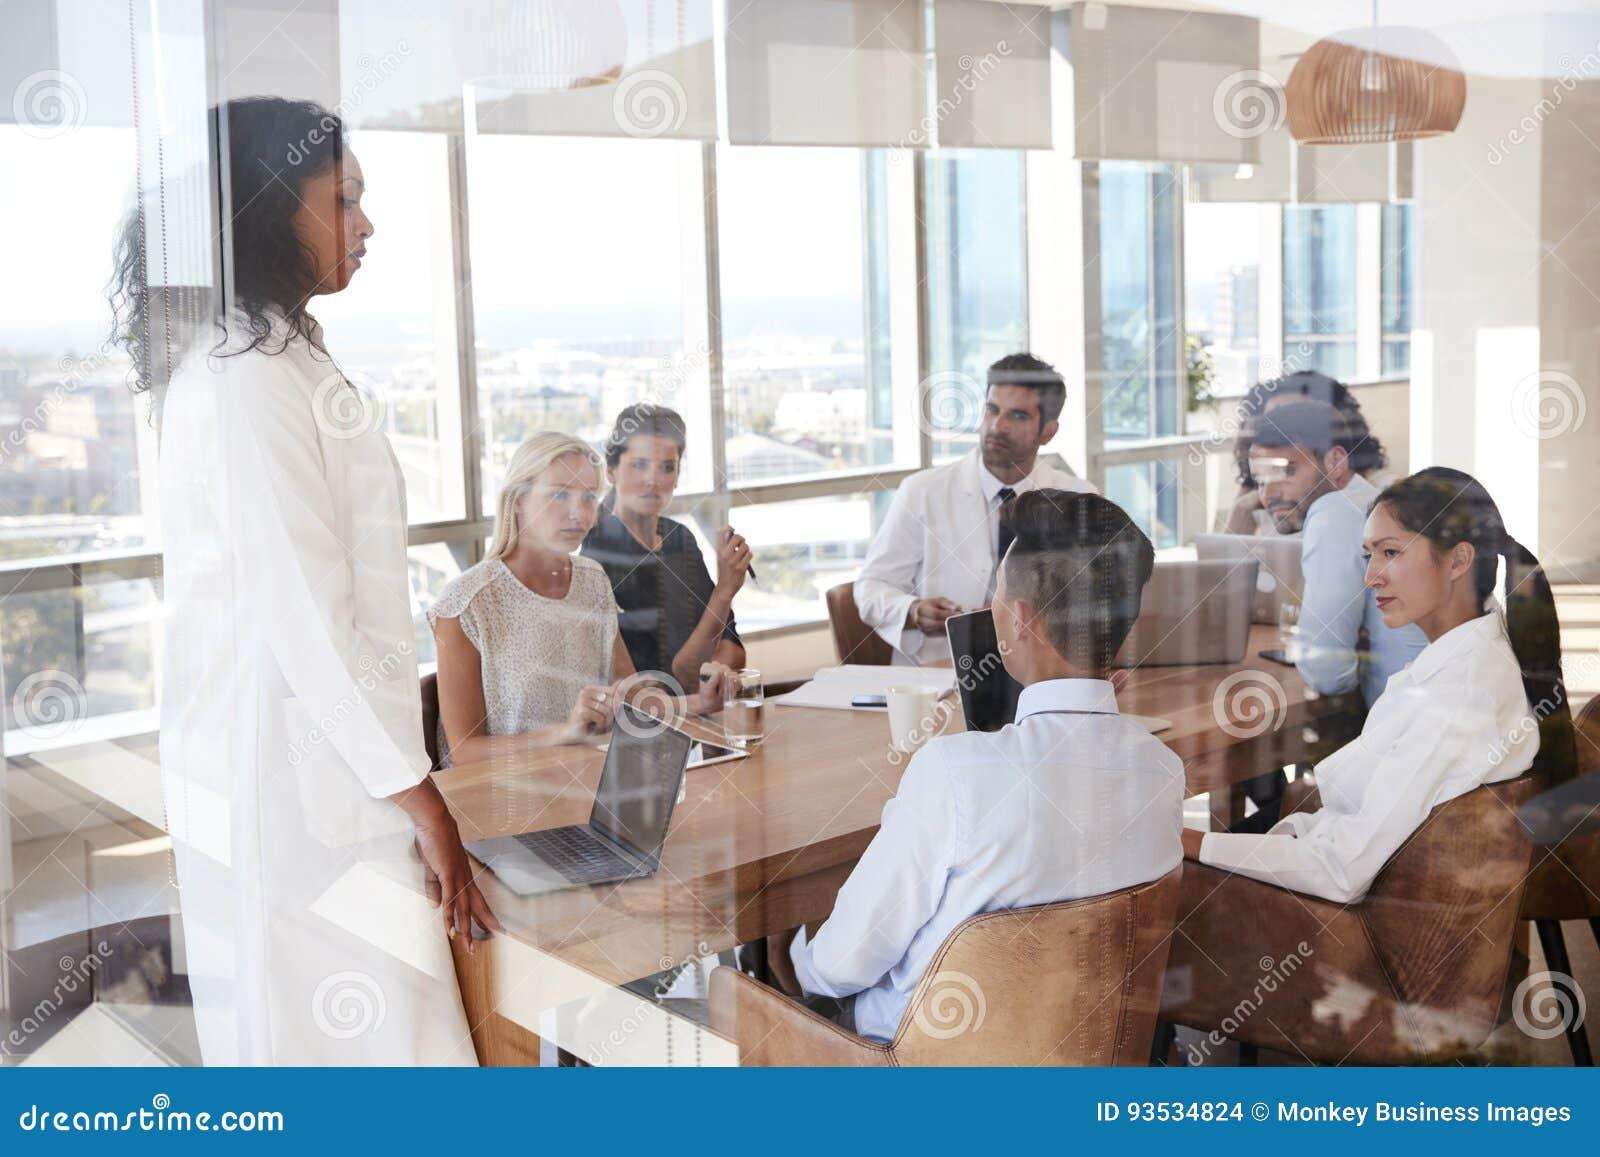 Grupo de reunión del personal médico alrededor de la tabla en hospital